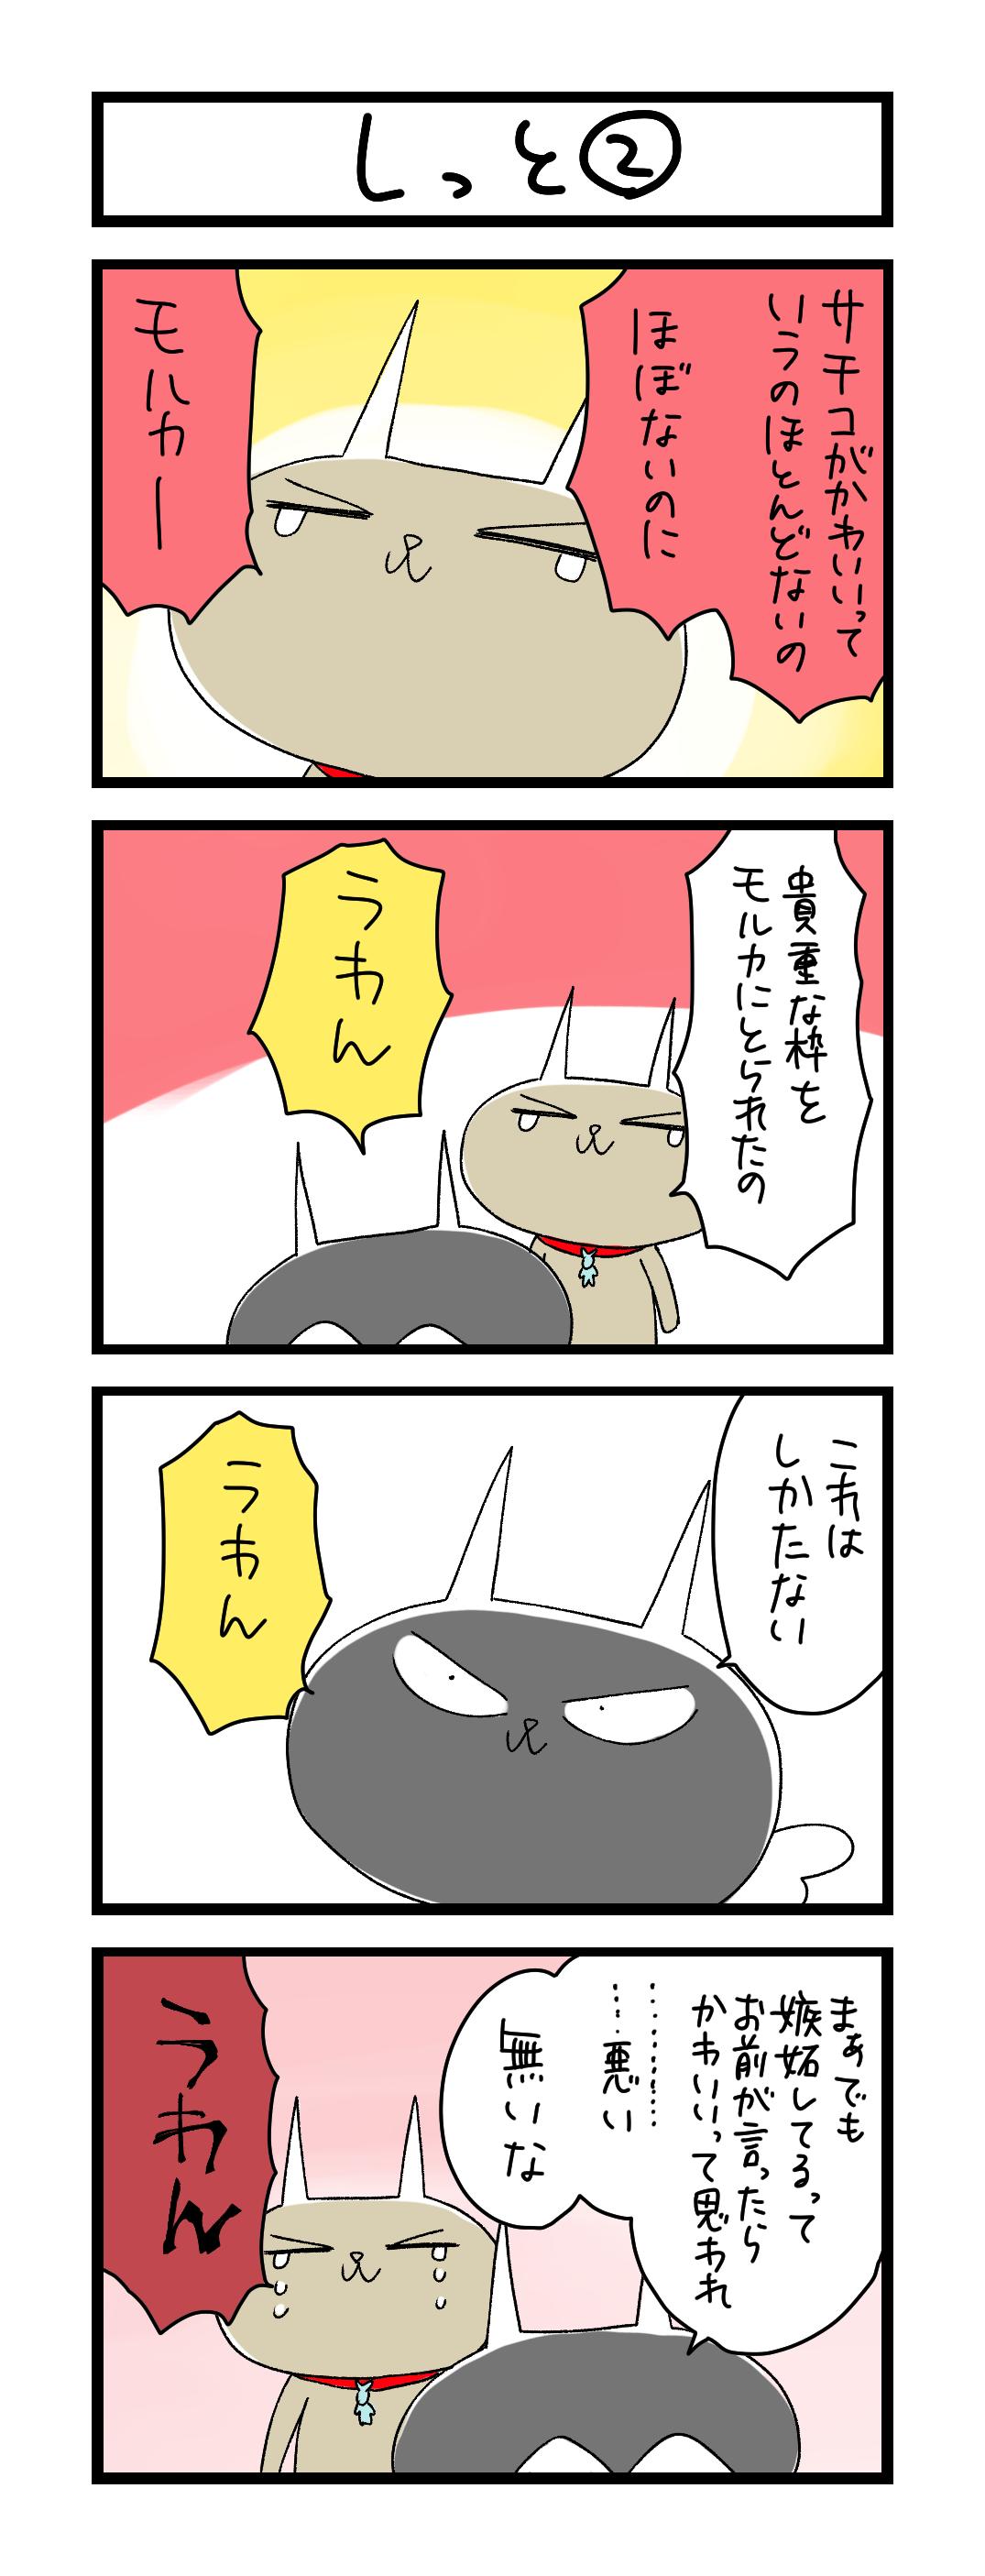 しっと (2)